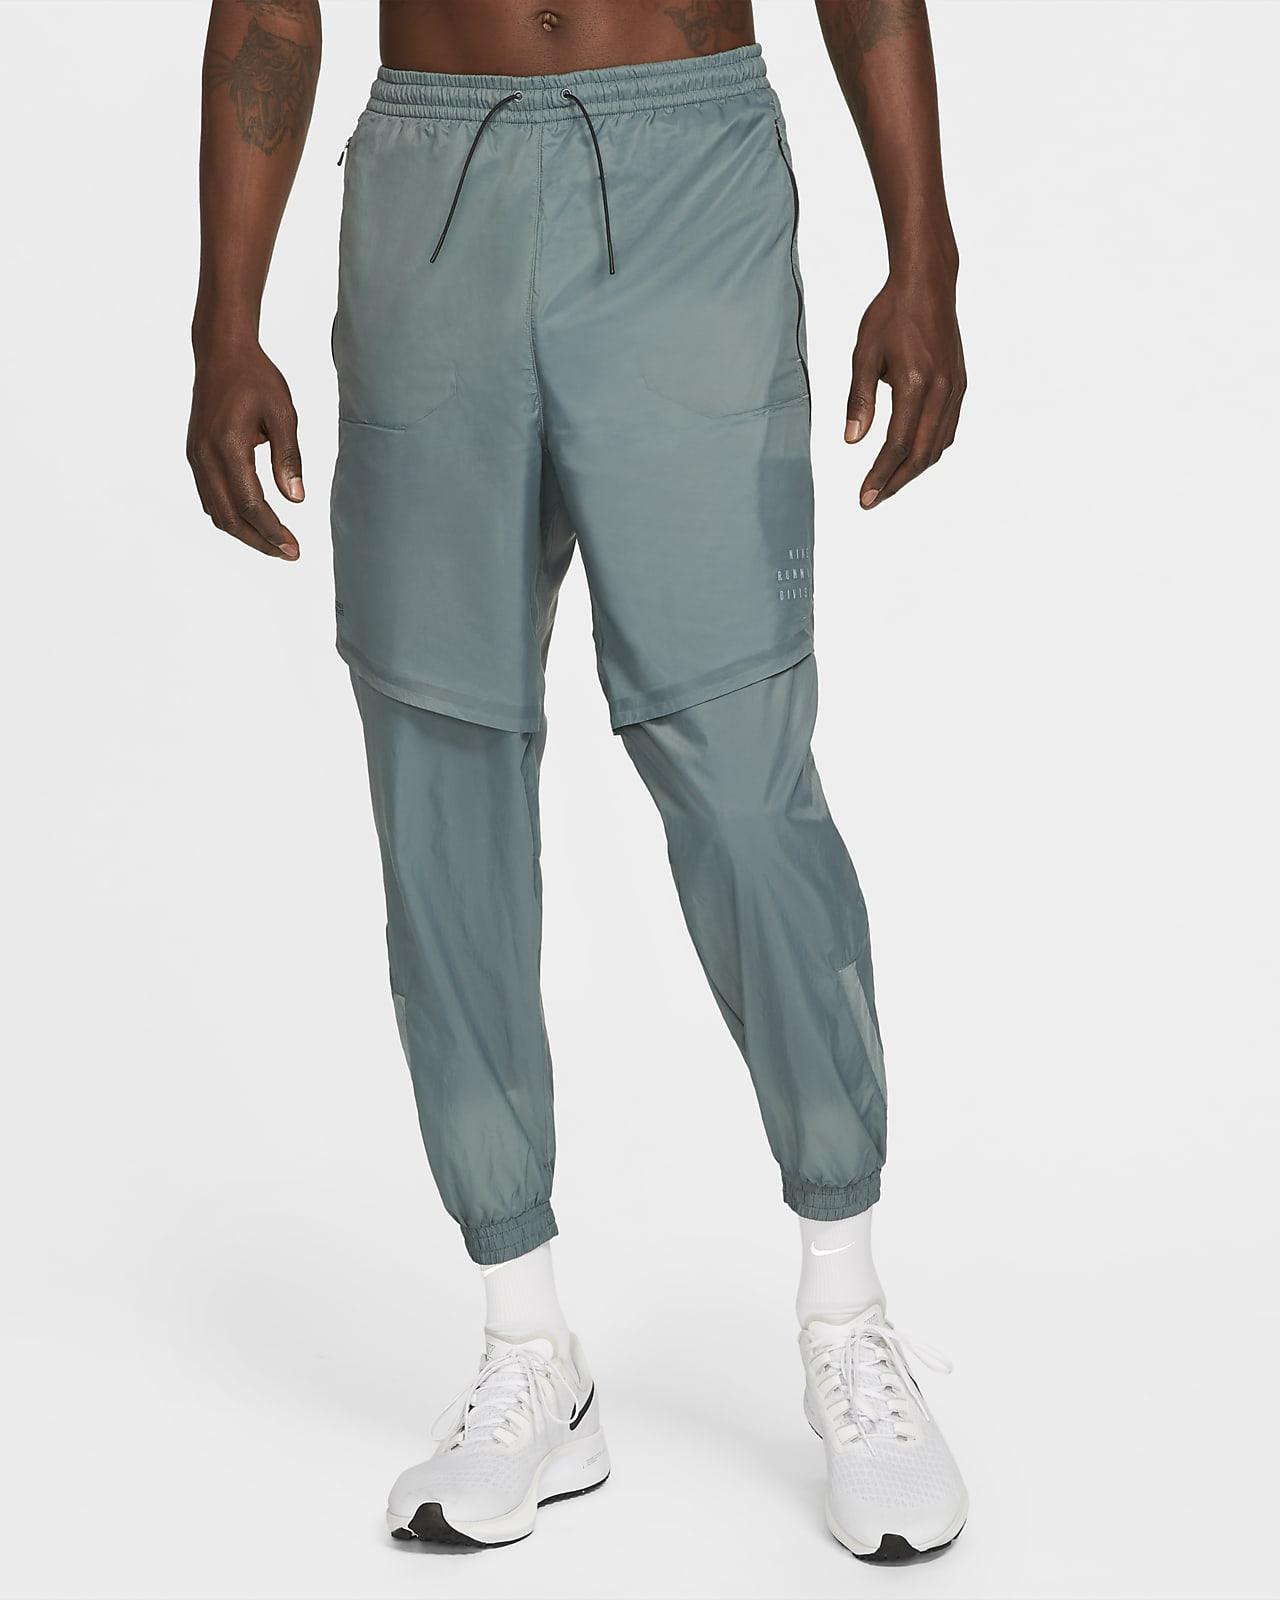 Nike Run Division Pinnacle Men's Running Trousers